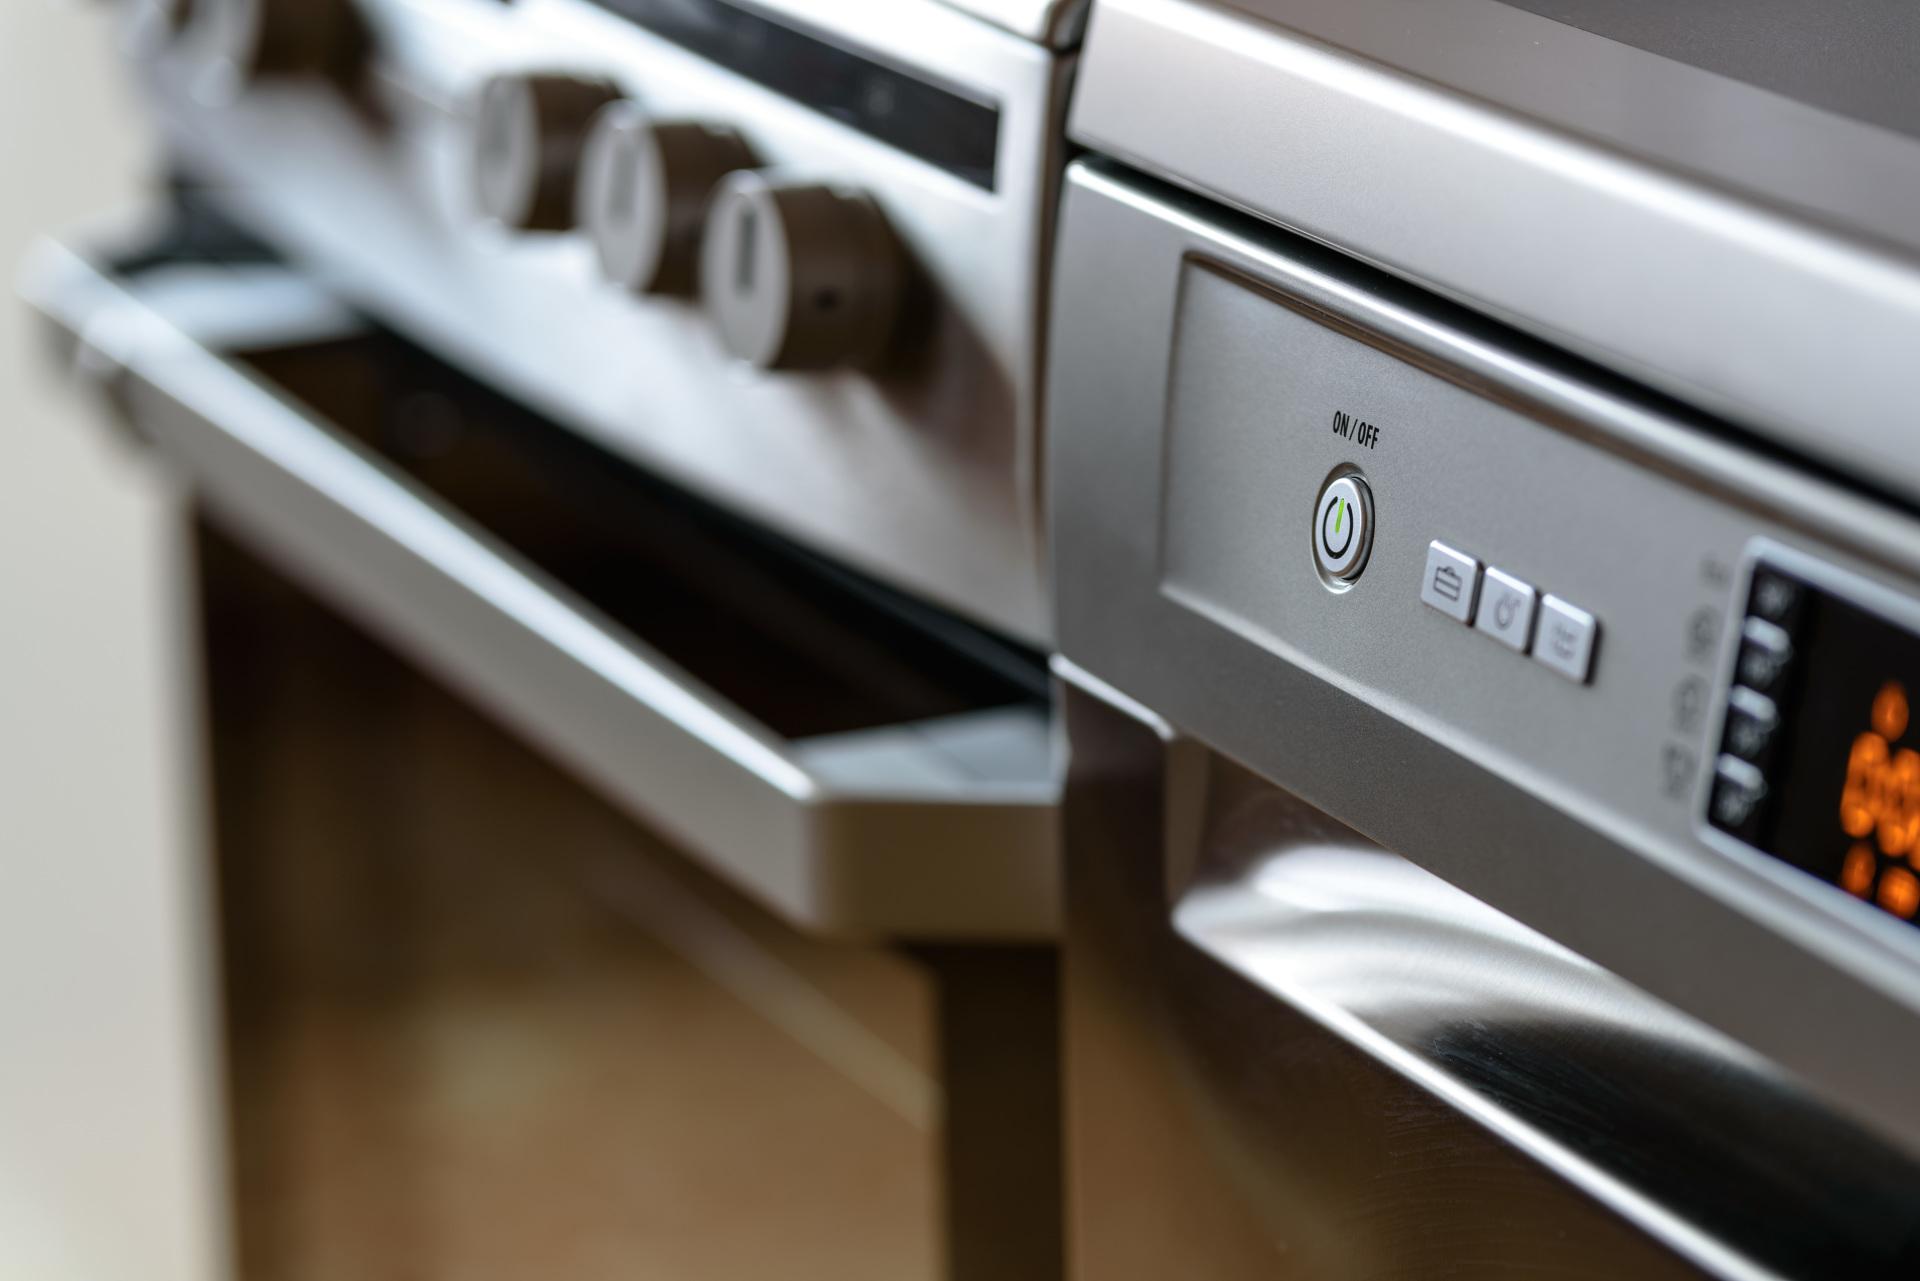 Appliances in Spain